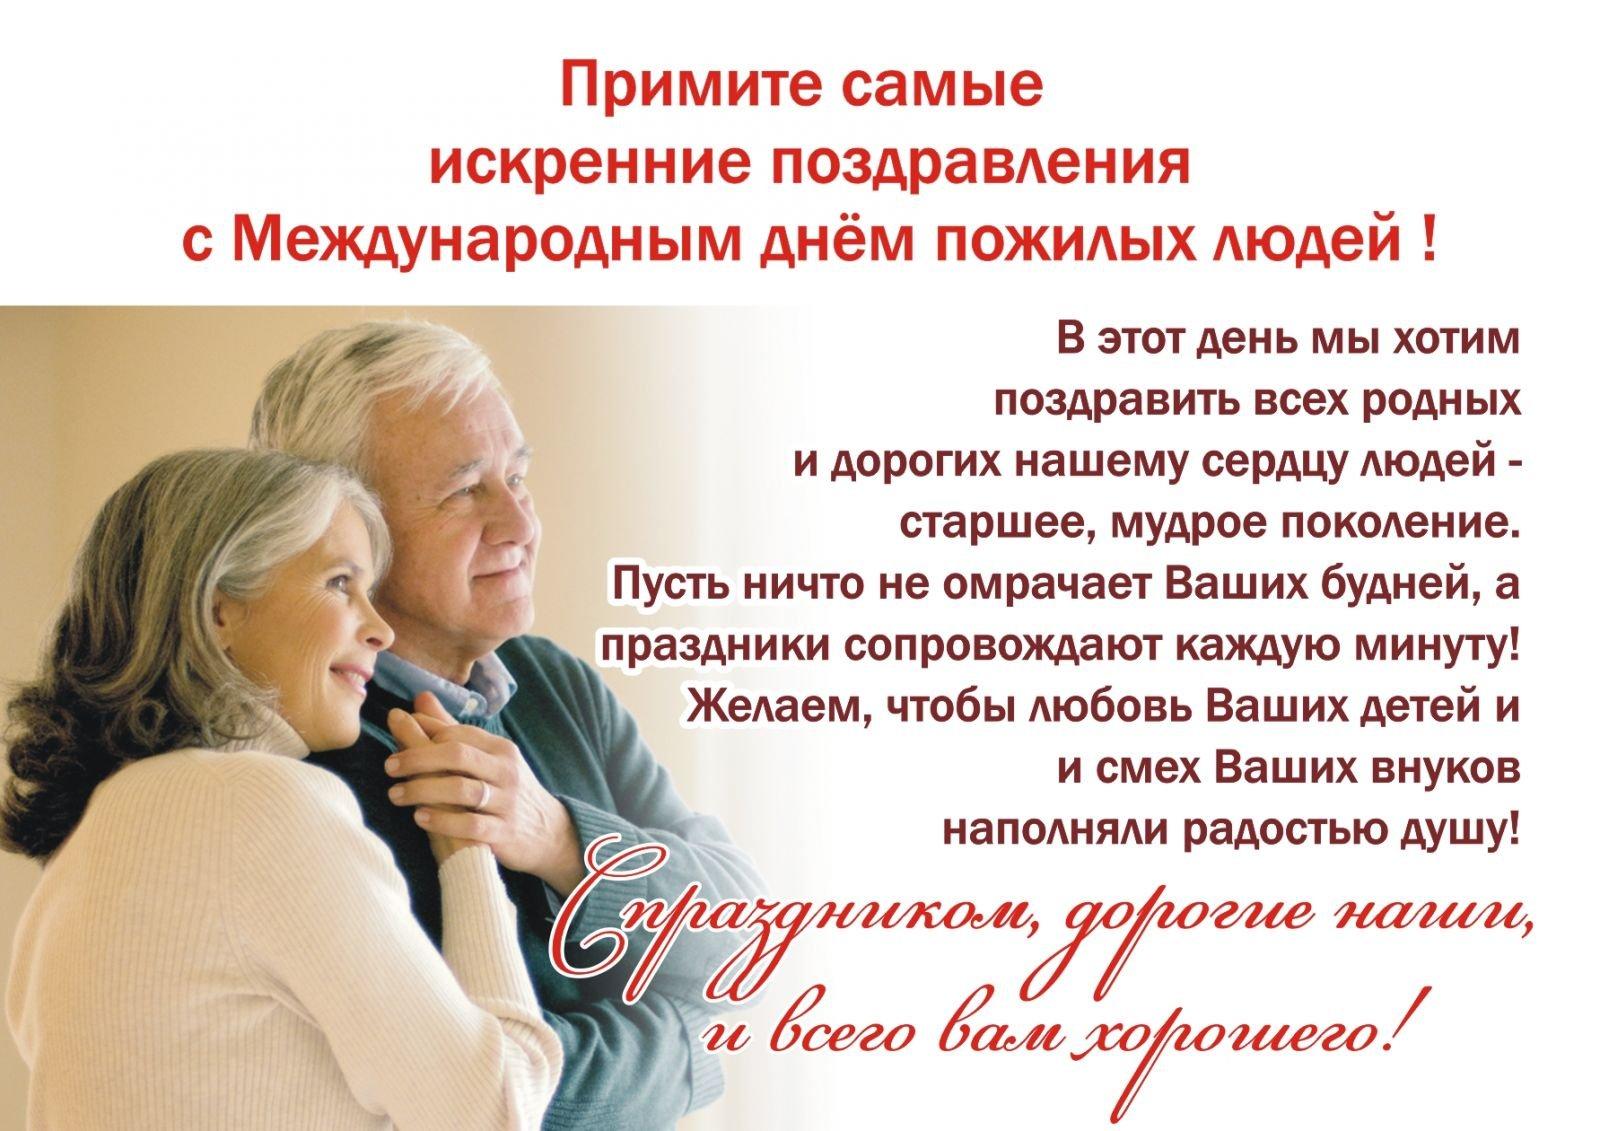 Поздравление активным пенсионерам